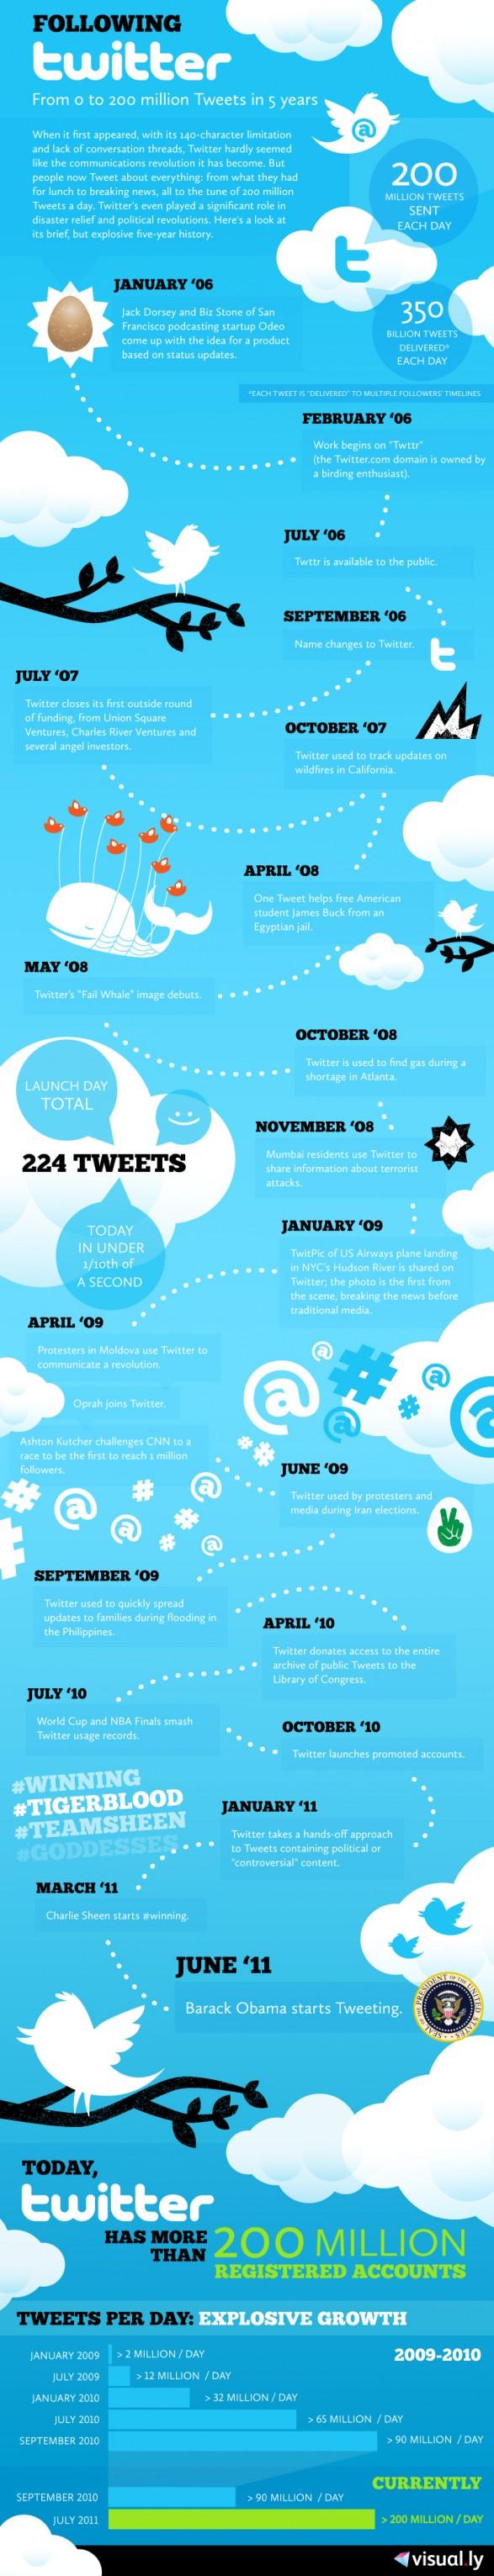 principales datos de Twitter